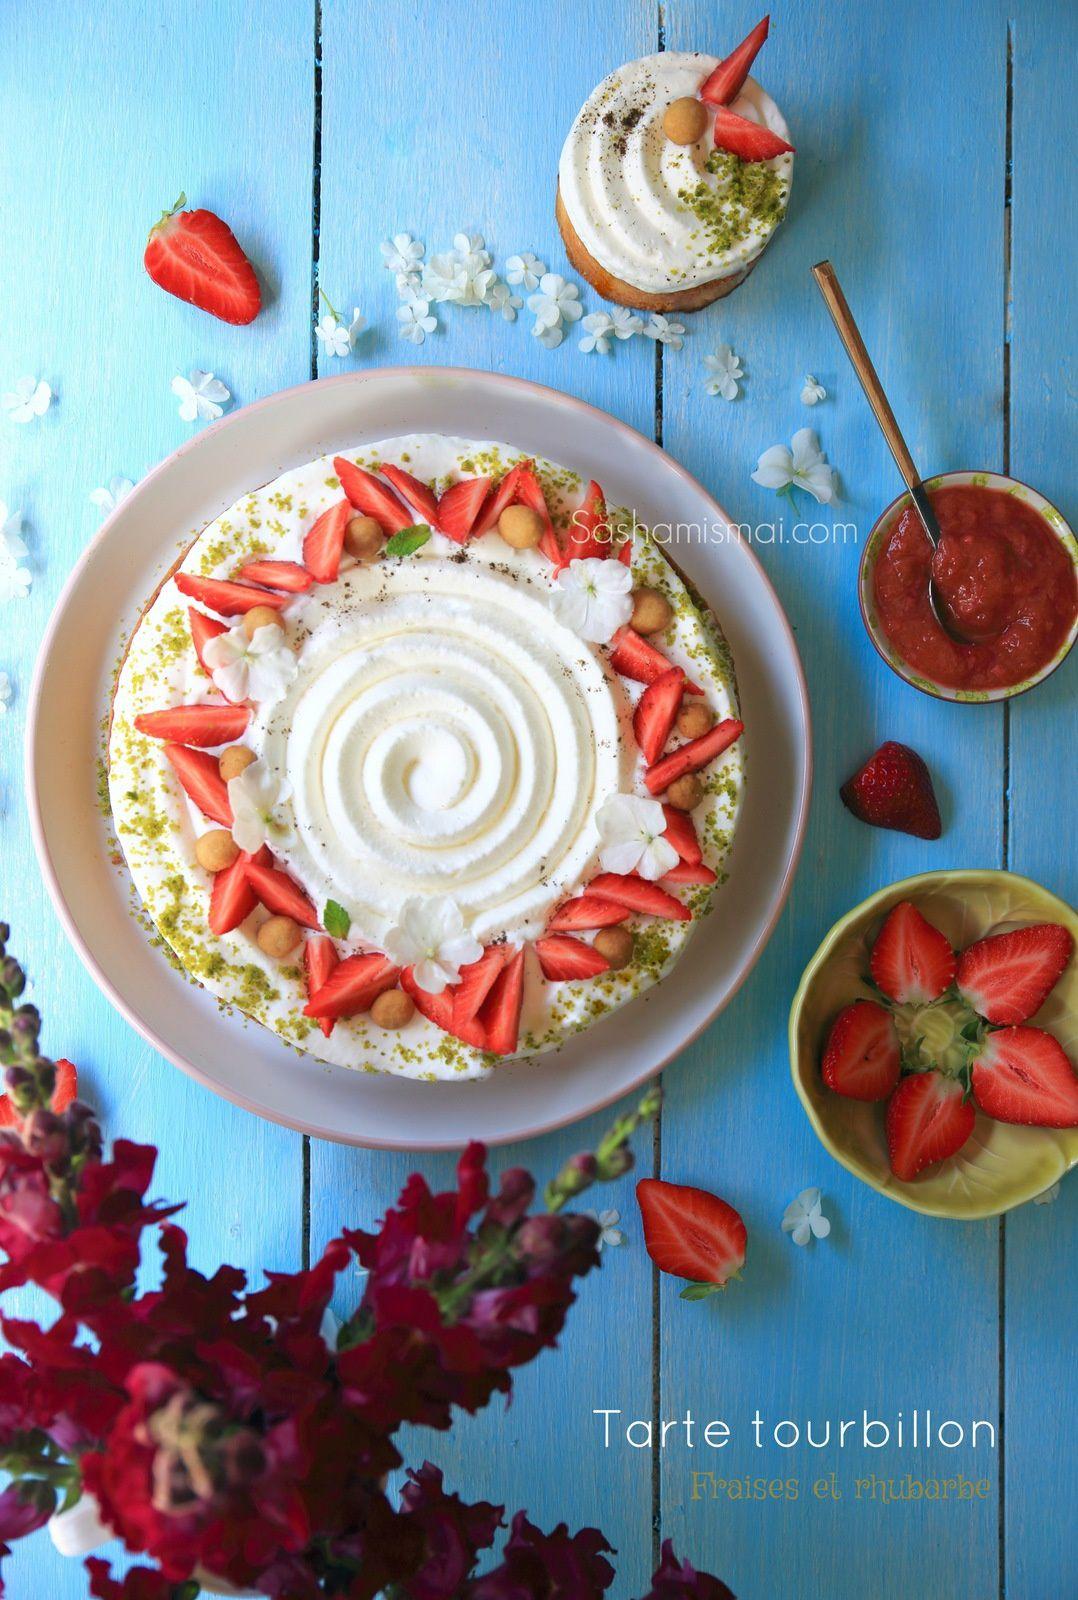 Tarte tourbillon fraises et rhubarbe